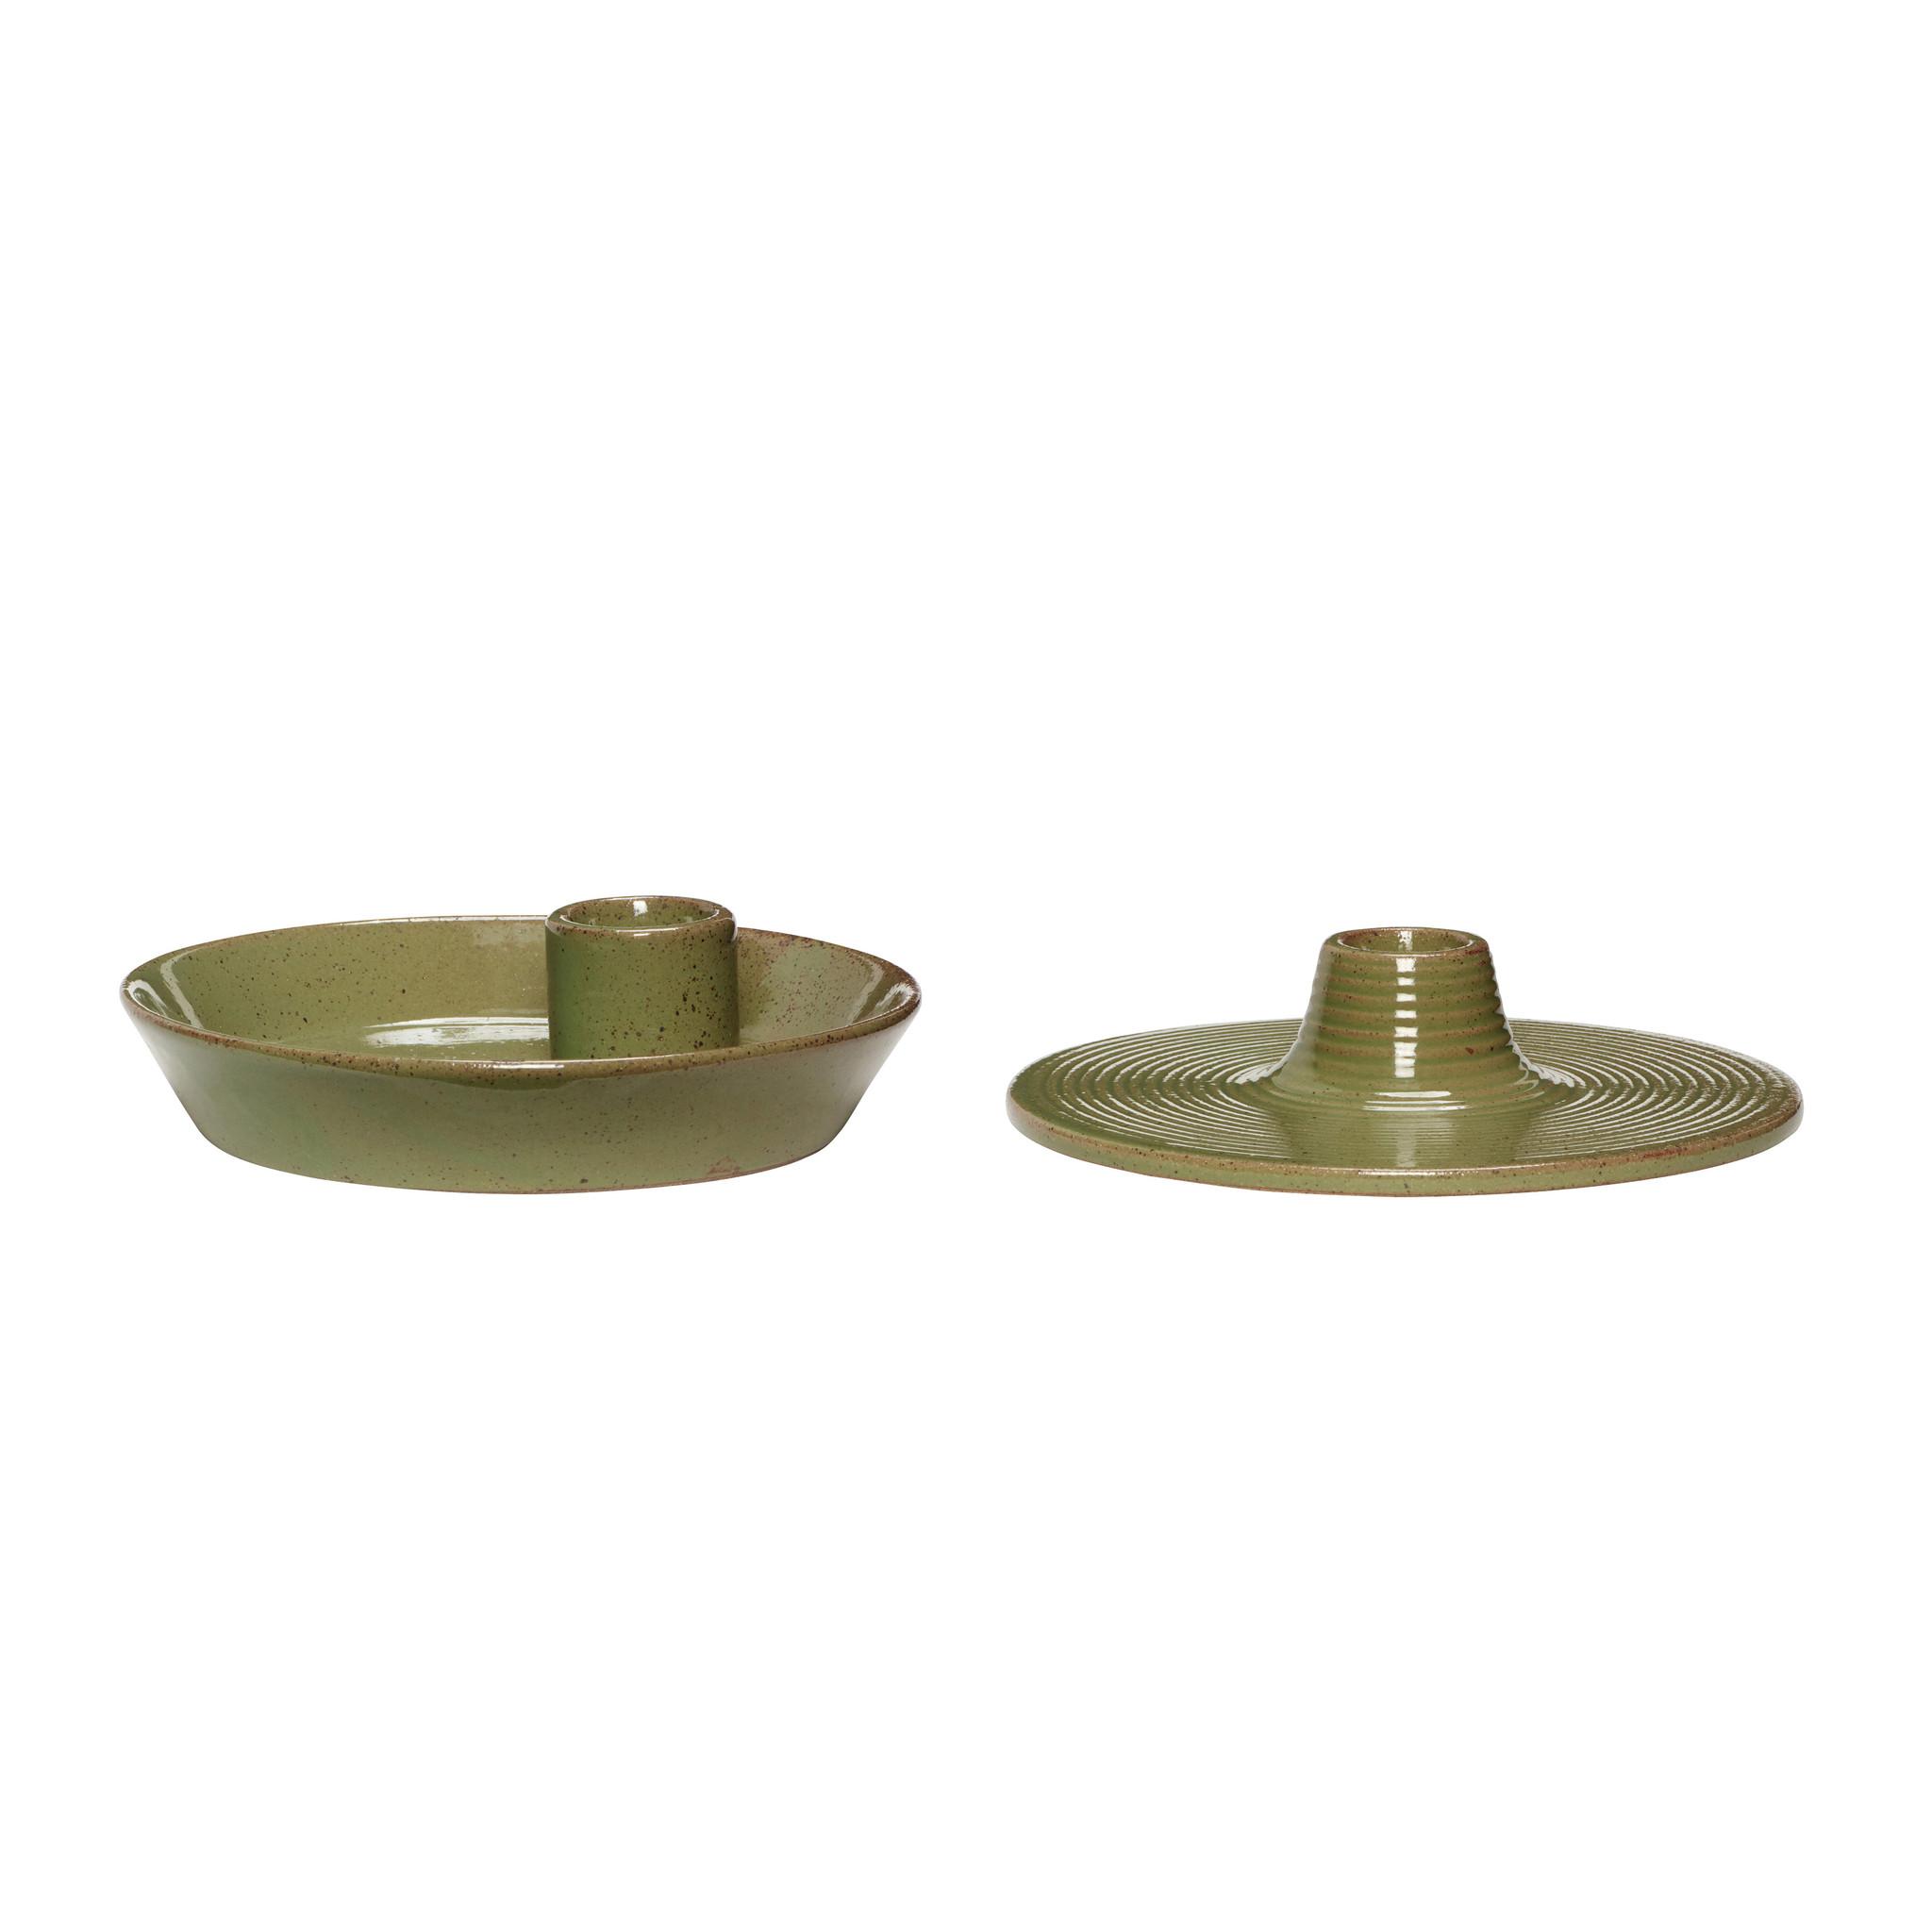 Hubsch Kandelaar, porselein, groen, set van 2-640921-5712772071434